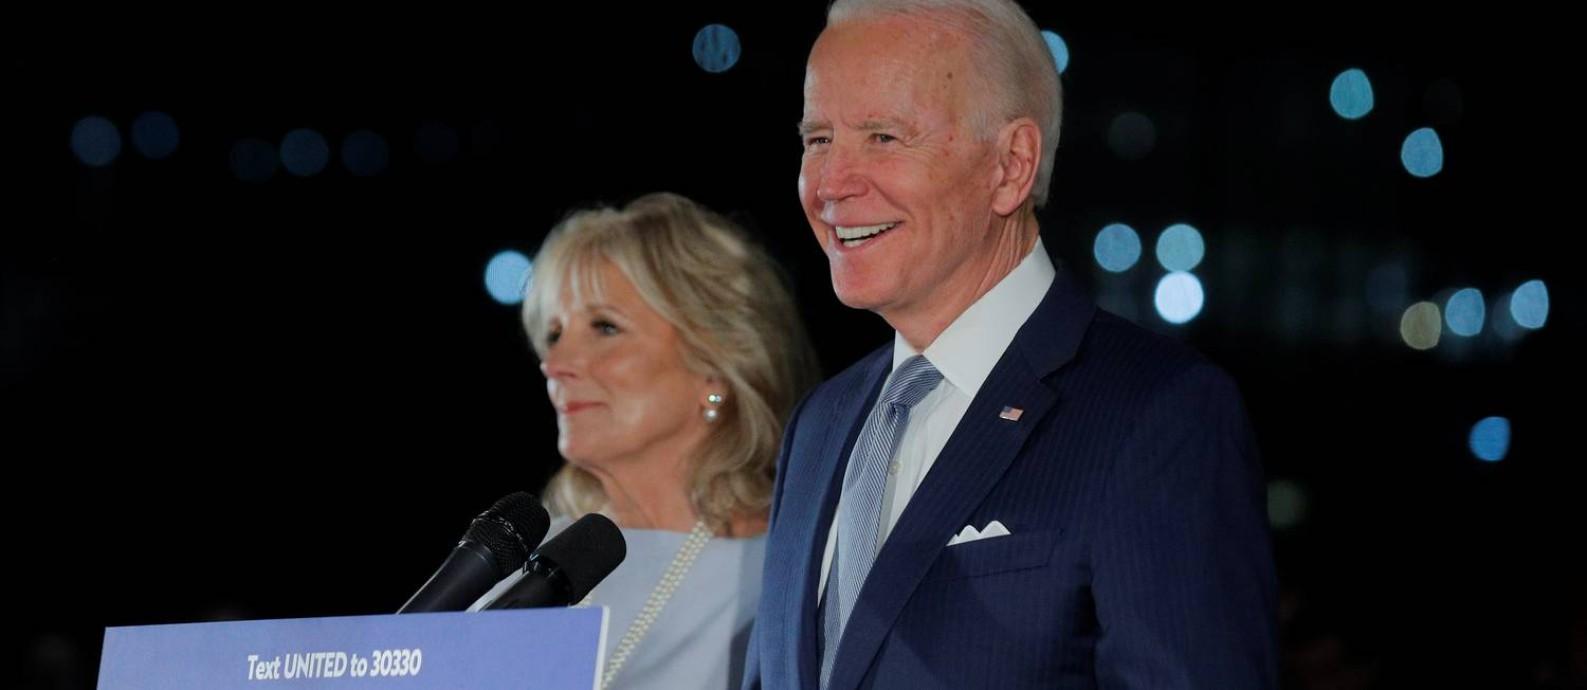 Ex-vice-presidente e pré-candidato democrata à Presidência dos EUA, Joe Biden faz discurso na Filadélfia após resultados da votação desta terça-feira Foto: BRENDAN MCDERMID / REUTERS